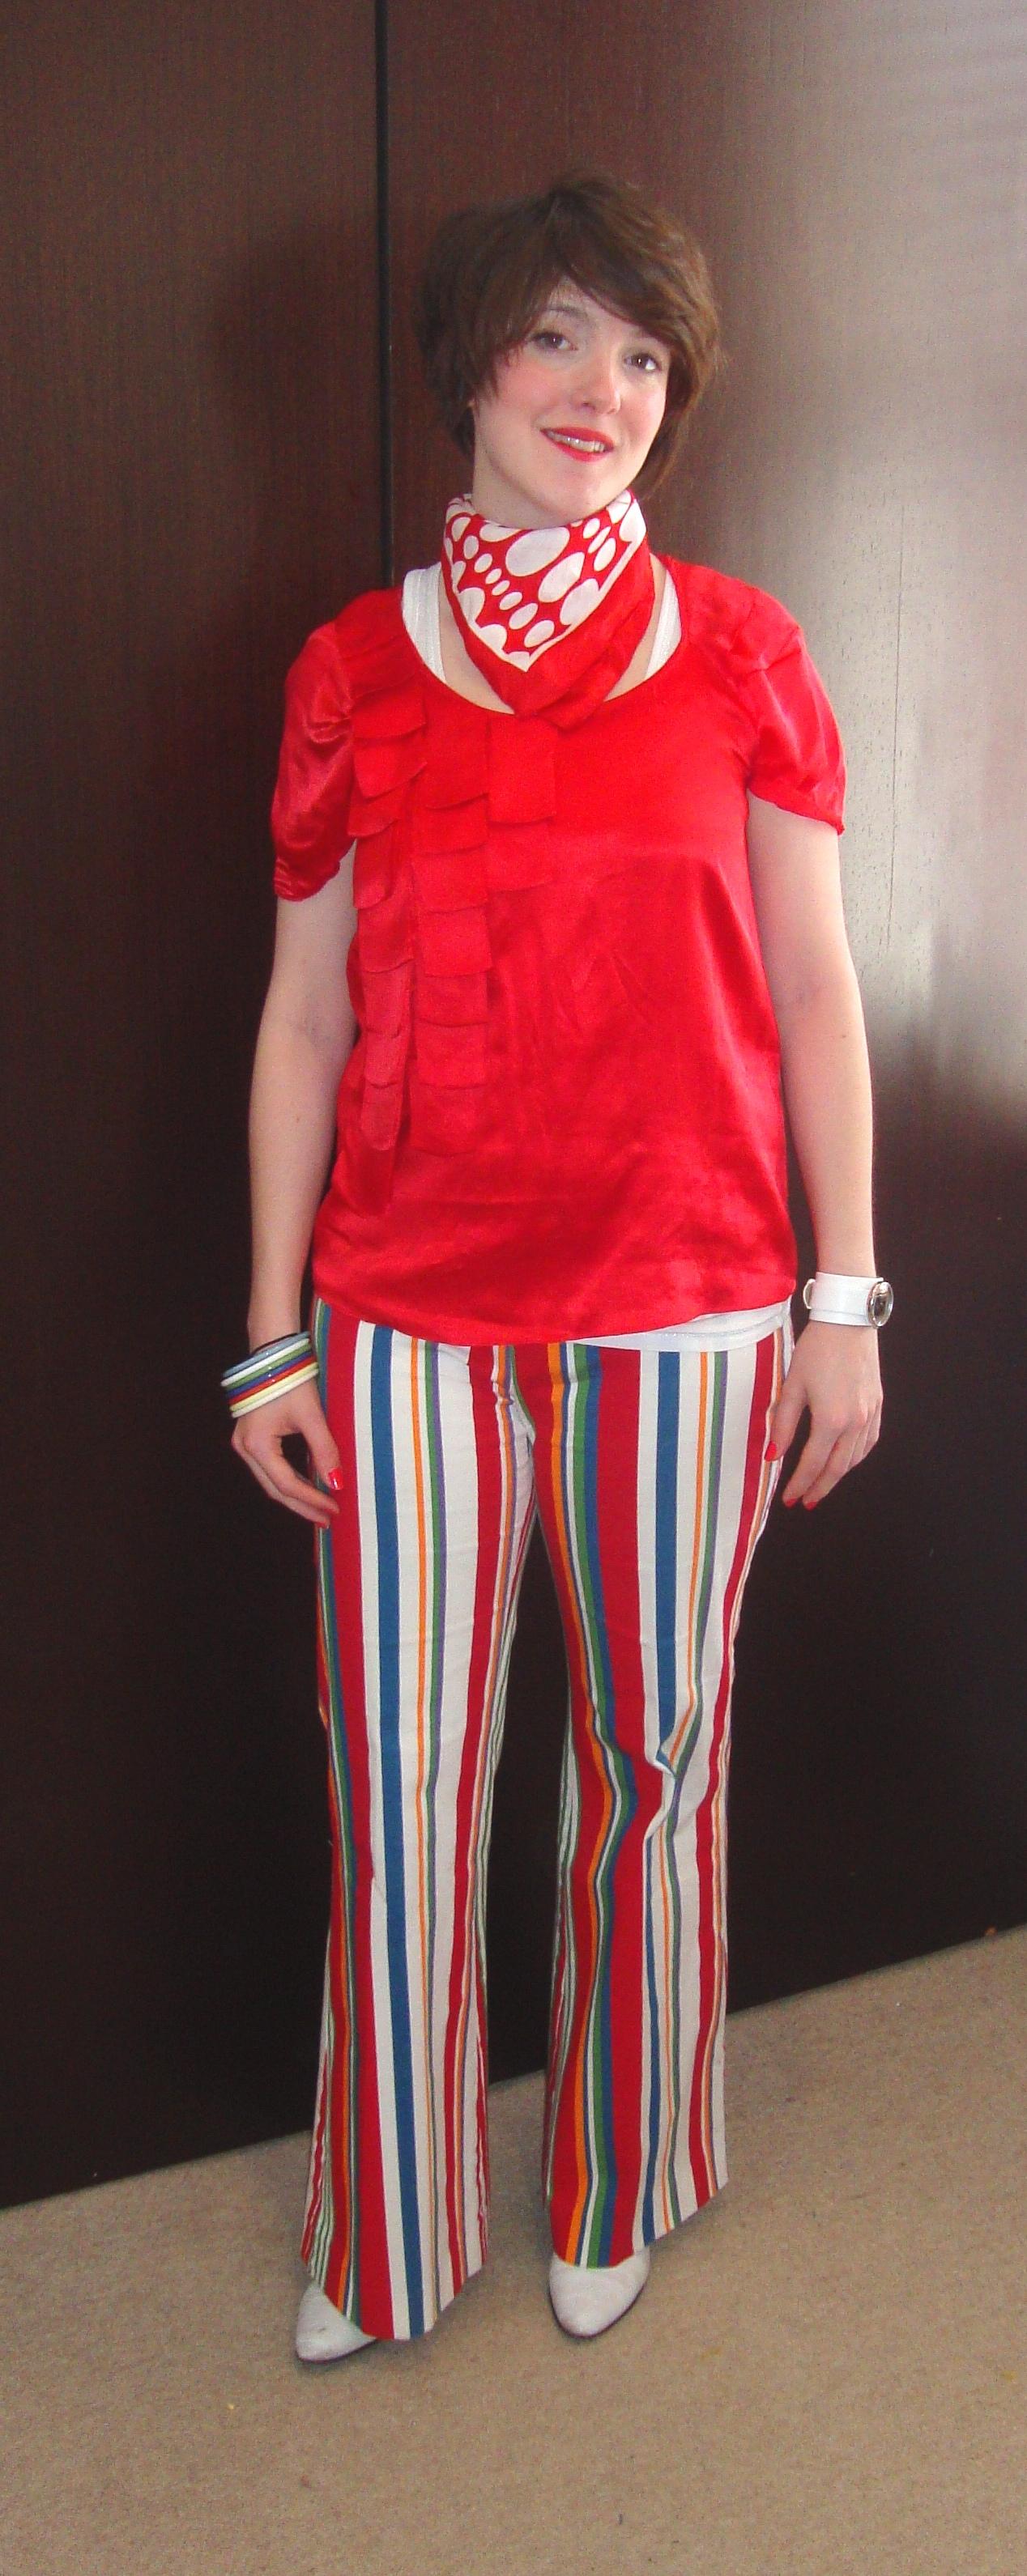 what katie wore to simeon's art thing